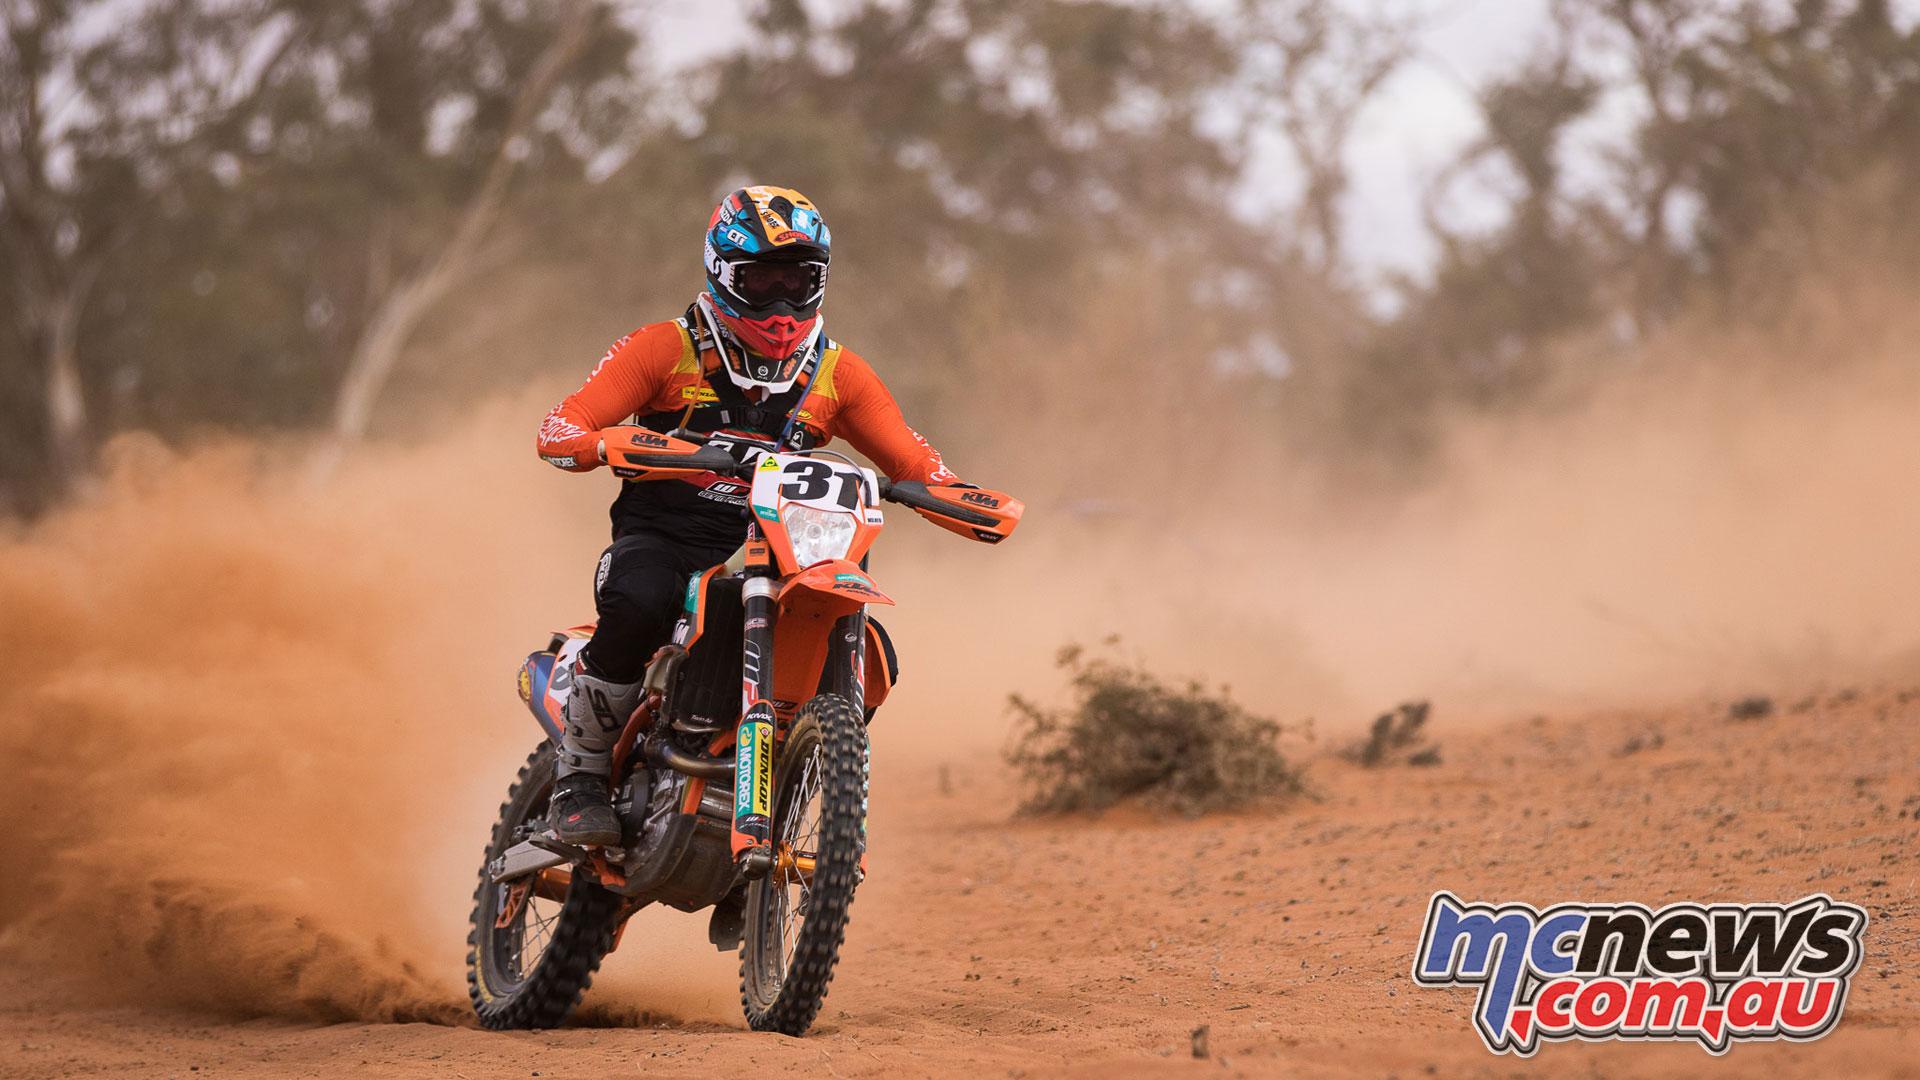 AORC Broken Hill bhsund Daniel Milner